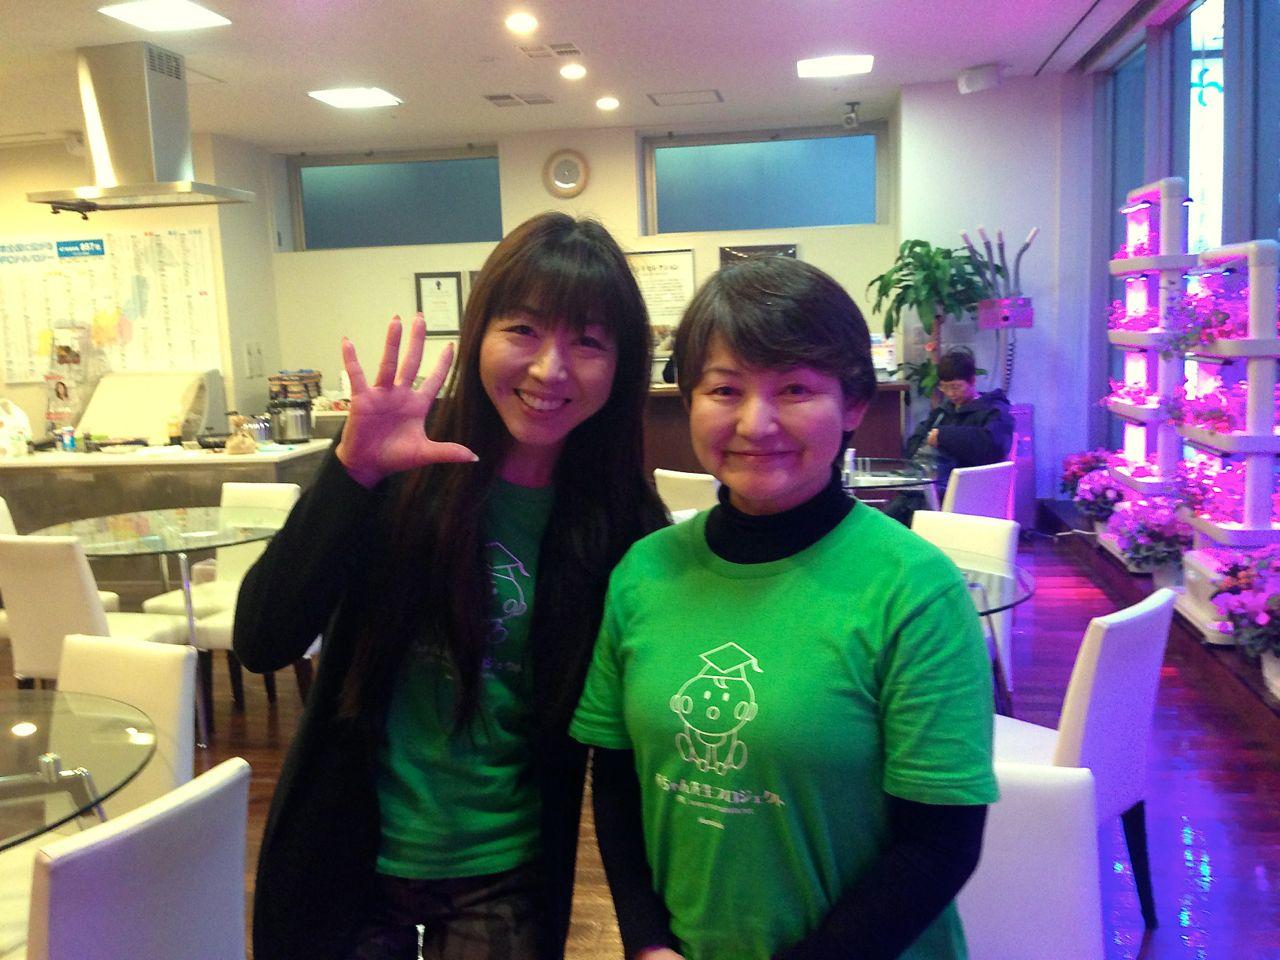 理事長の恵さん(右)と理事の西村実花さん。西村さんの本業はアナウンサー。写真が下手ですみません(^_^;)